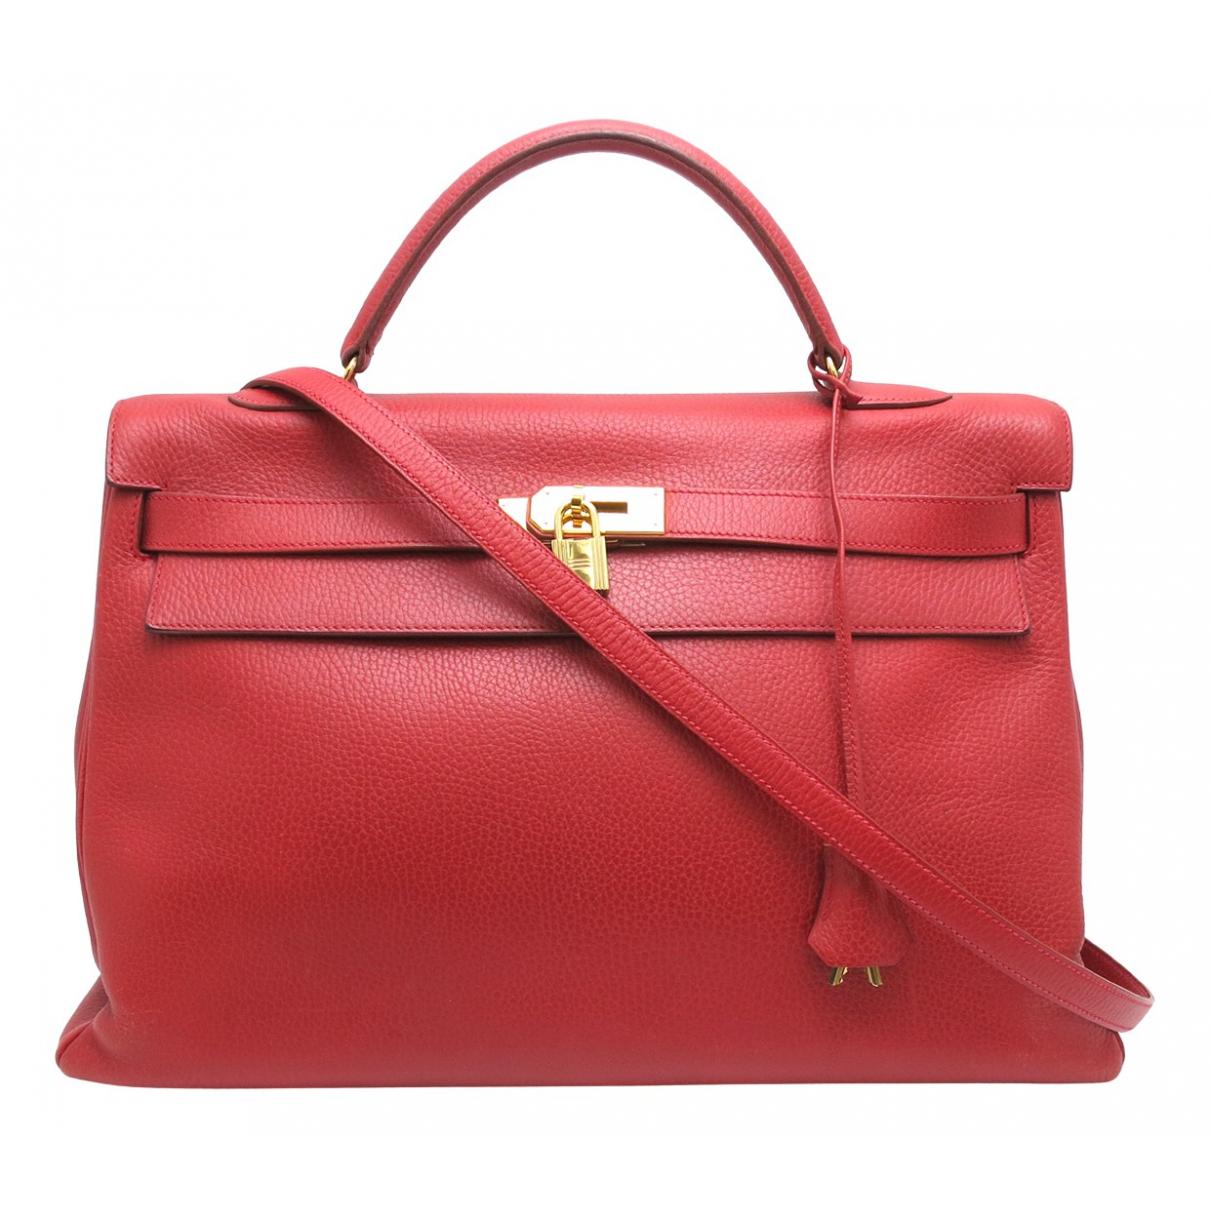 Hermes Kelly 40 Handtasche in Leder